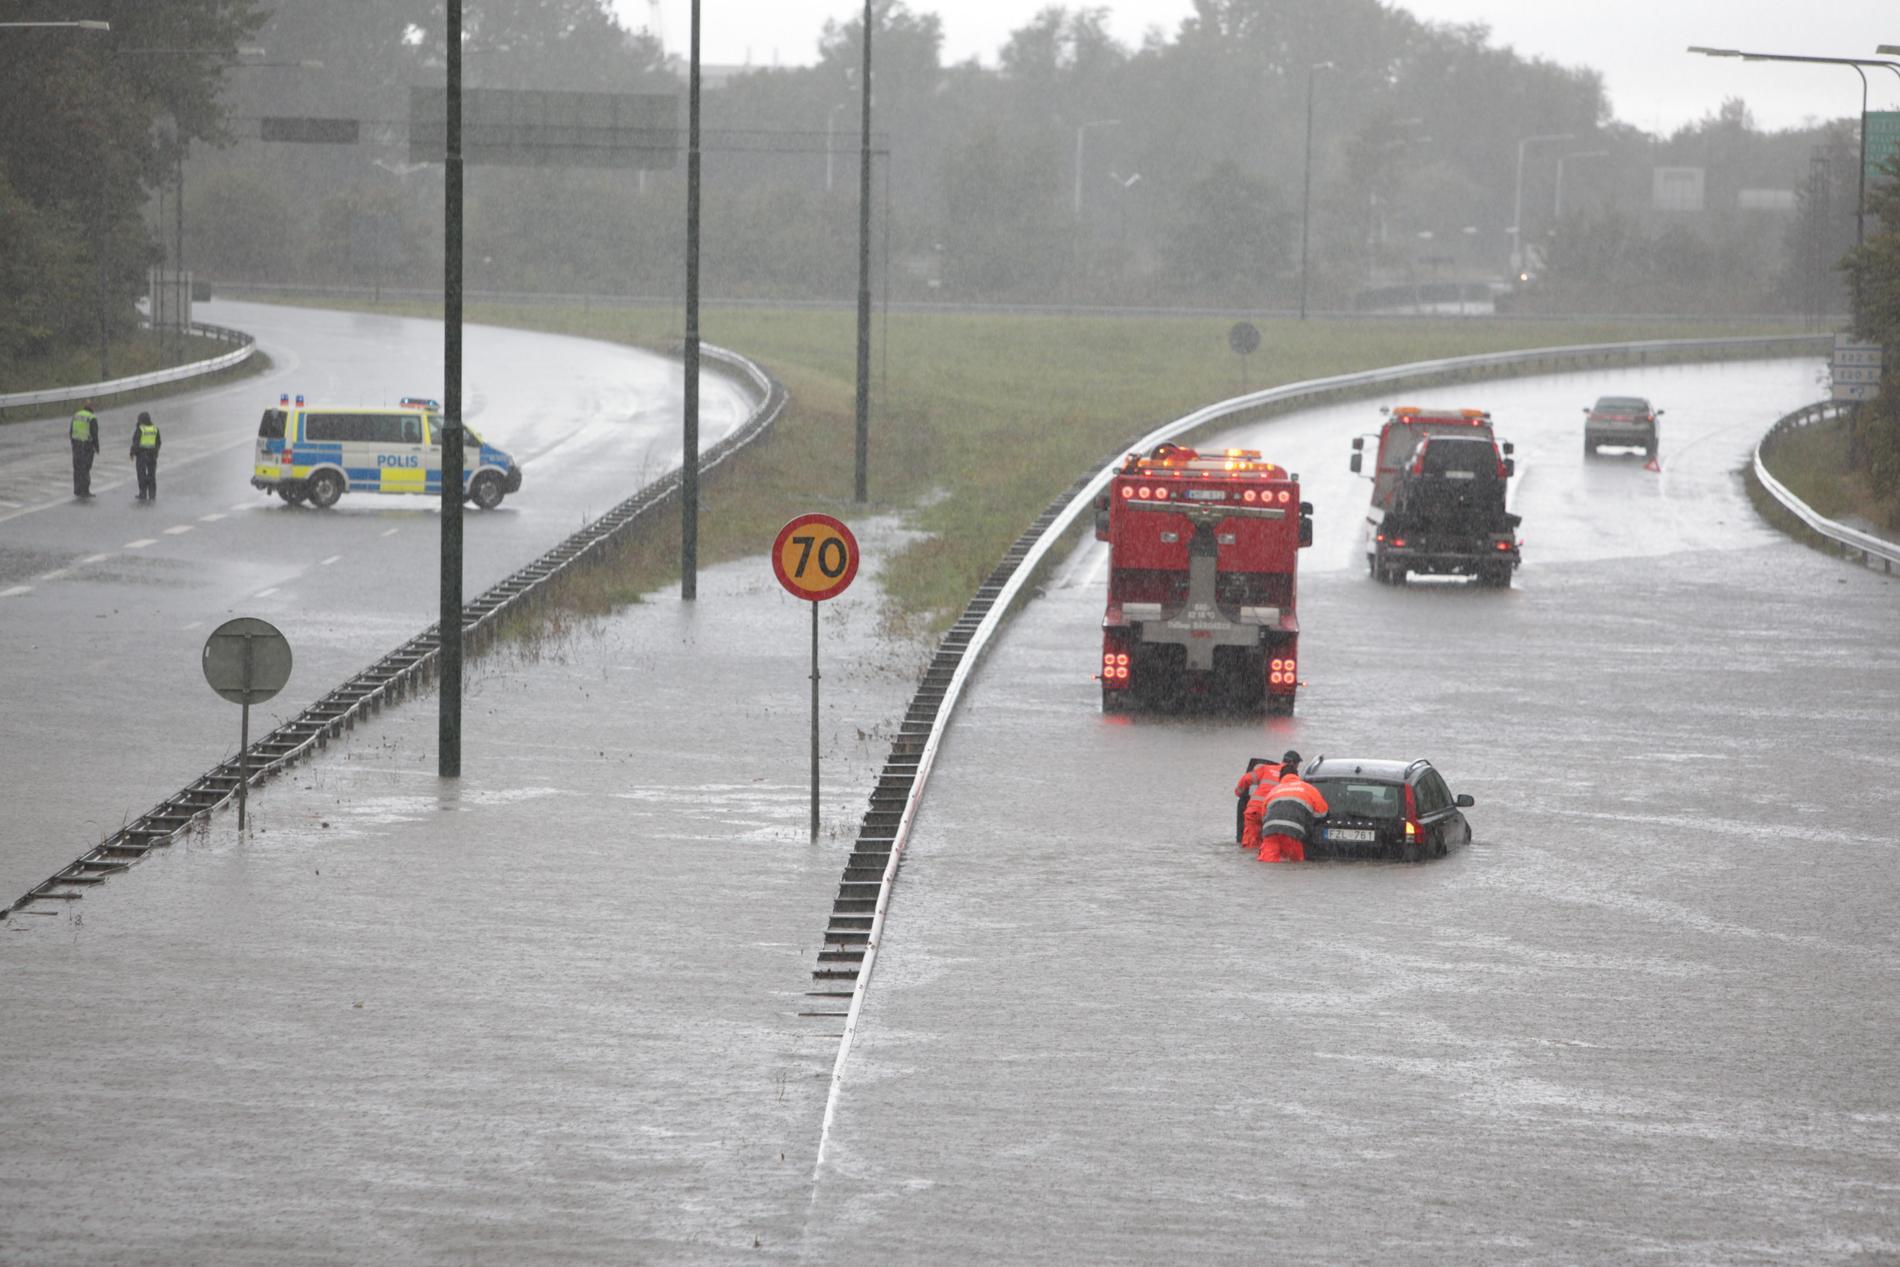 Översvämningen i Malmö 2014 beräknas ha kostat fler hundra miljoner kronor. Svenska forskare varnar för att traditionella klimatmodeller underskattar framtida skyfall.